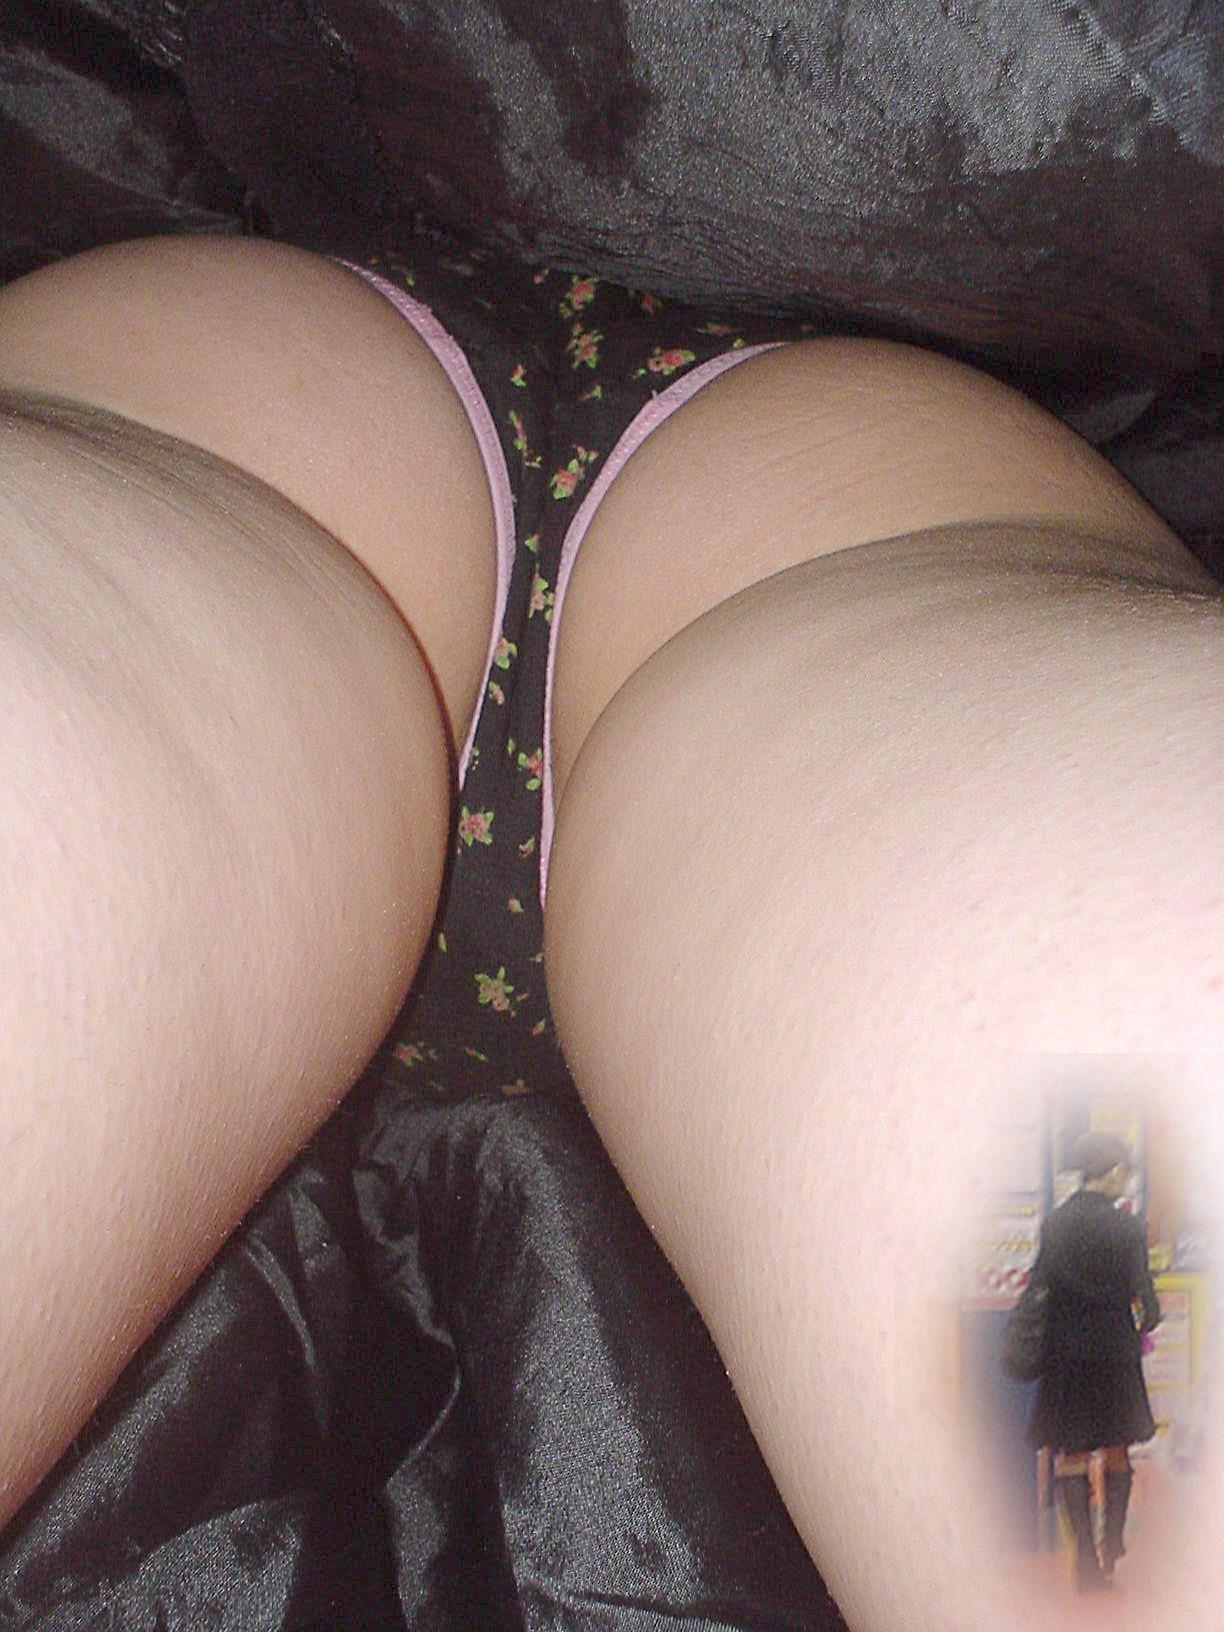 【逆さ撮りパンチラ画像】ほくろや毛穴の様子まで暴いてしまった超接写パンチラwww 09